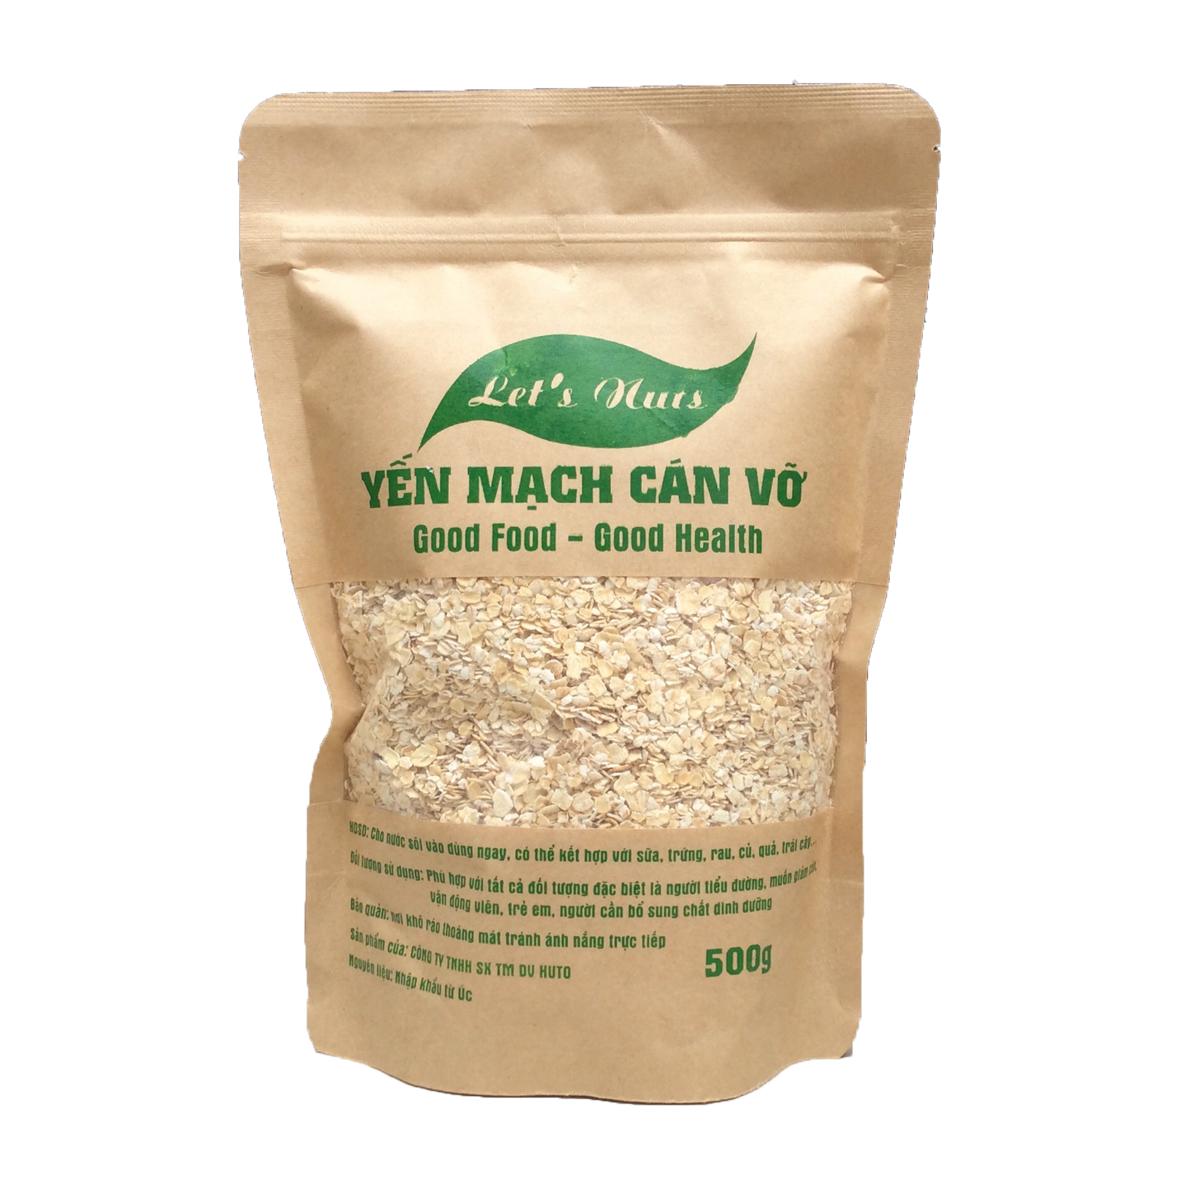 Hạt yến mạch cán vỡ Let's Nuts làm ngũ cốc giảm cân, bột yến mạch, người tập gym, bổ sung chất dinh dưỡng túi 500g Let Nuts